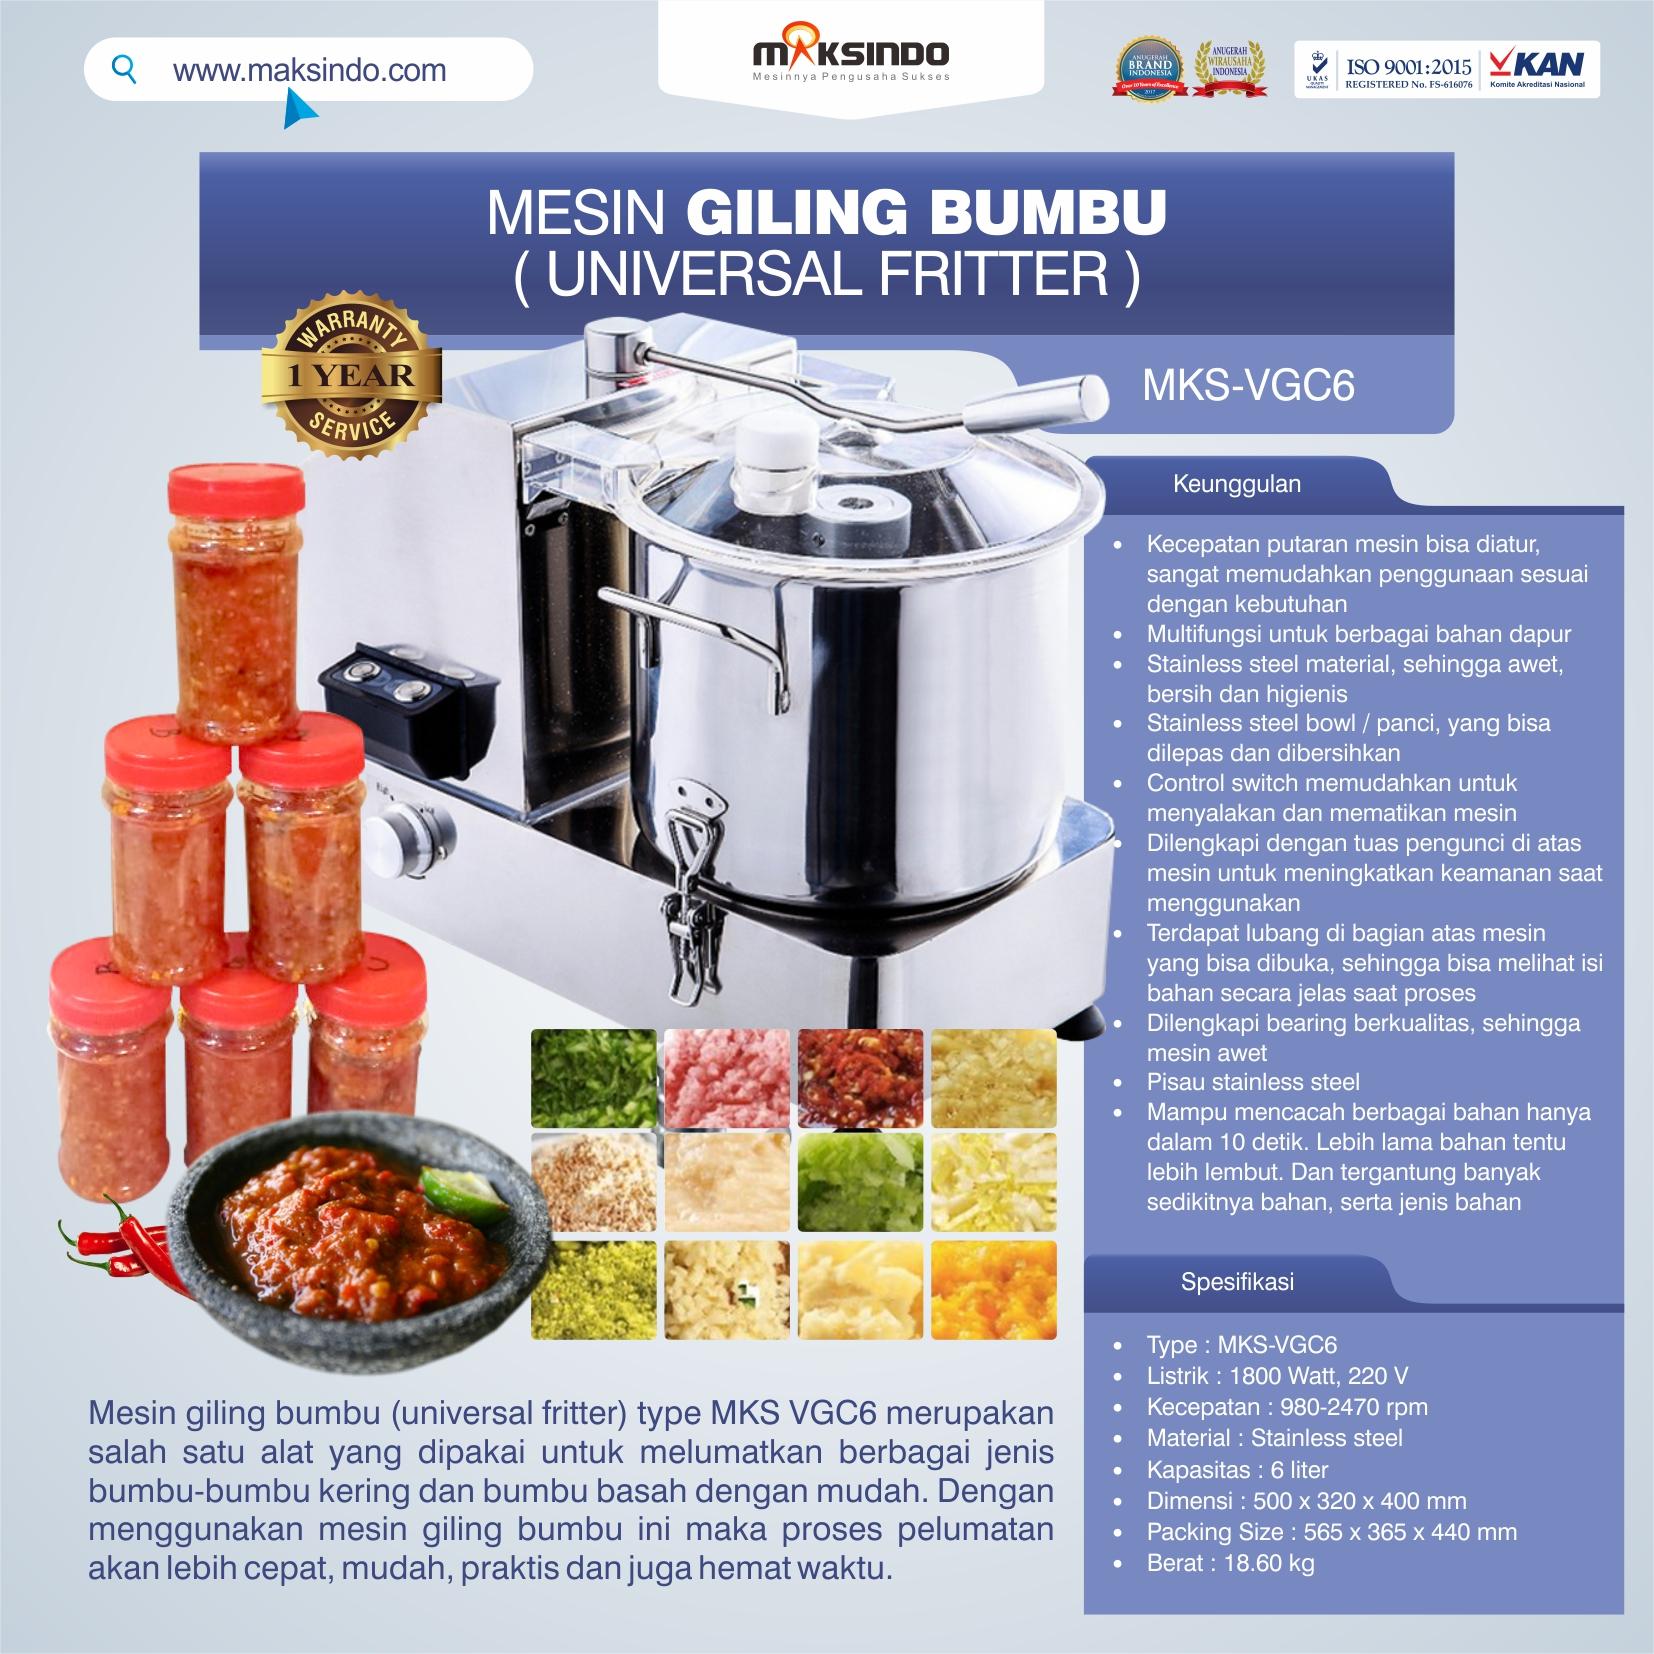 Jual Mesin Universal Fritter 6 liter (VGC6) di Pekanbaru